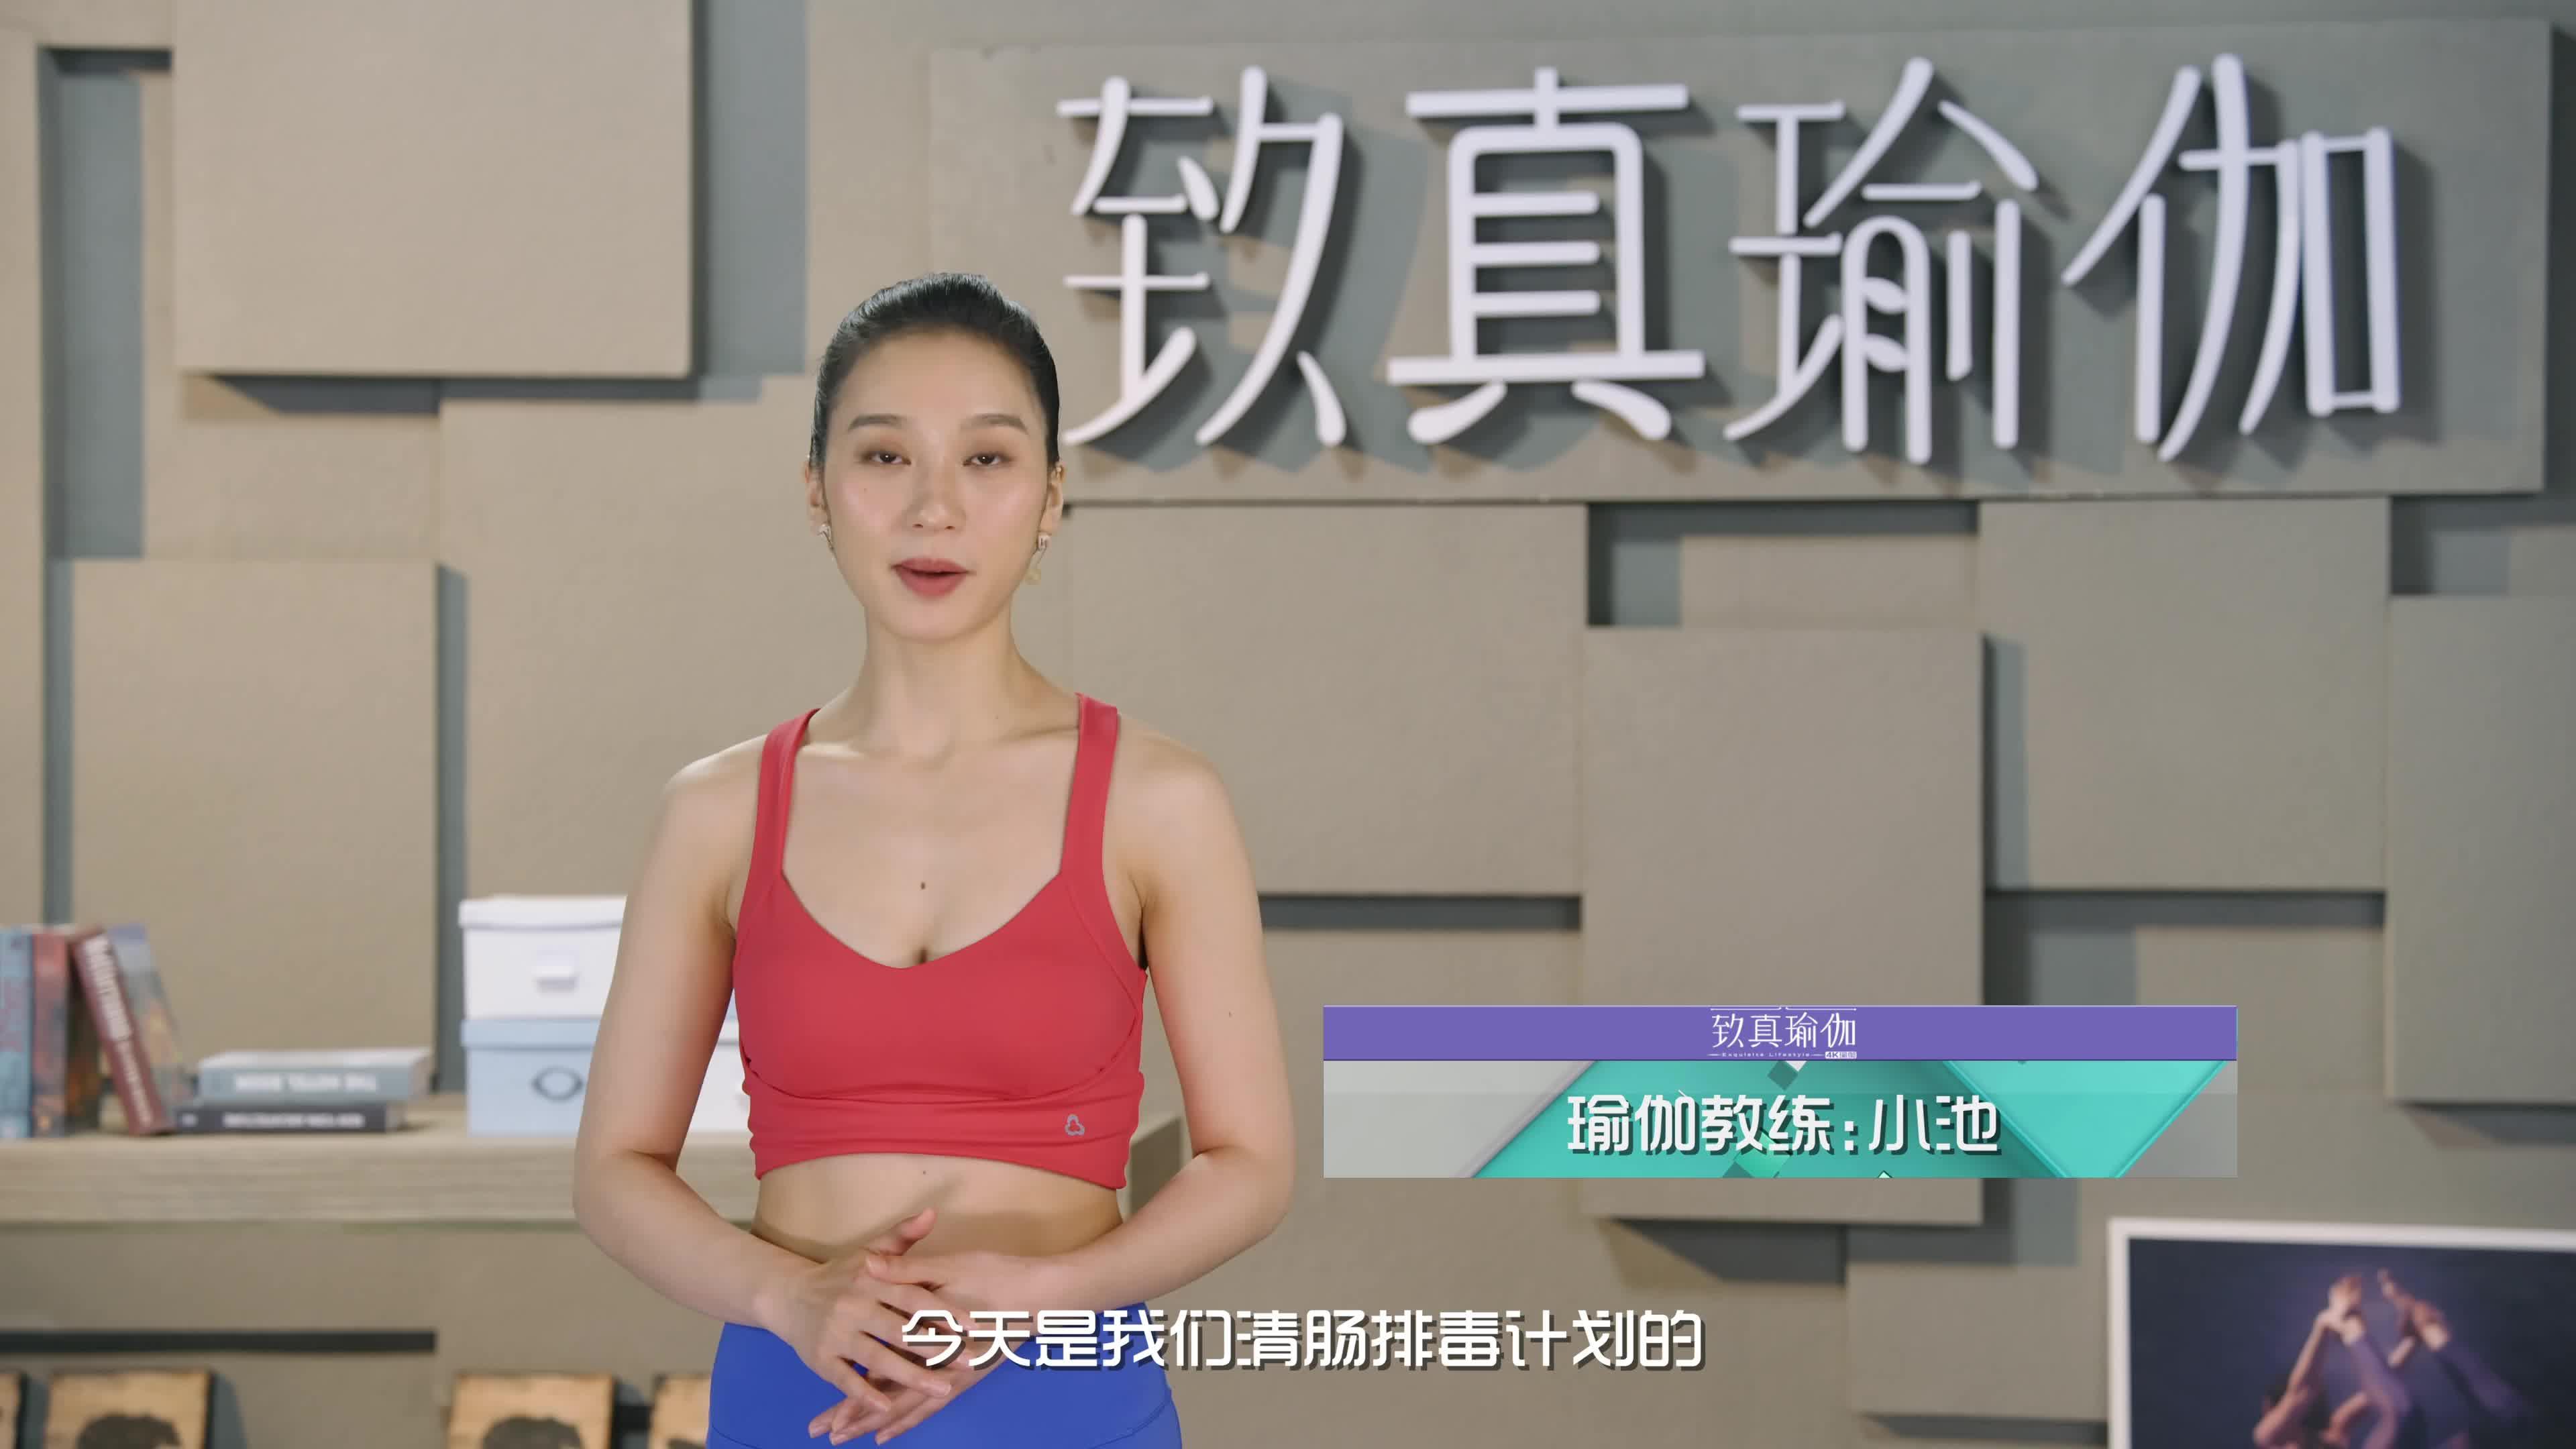 致真瑜伽第10季 系列二十七清肠排毒计划 全身能量代谢